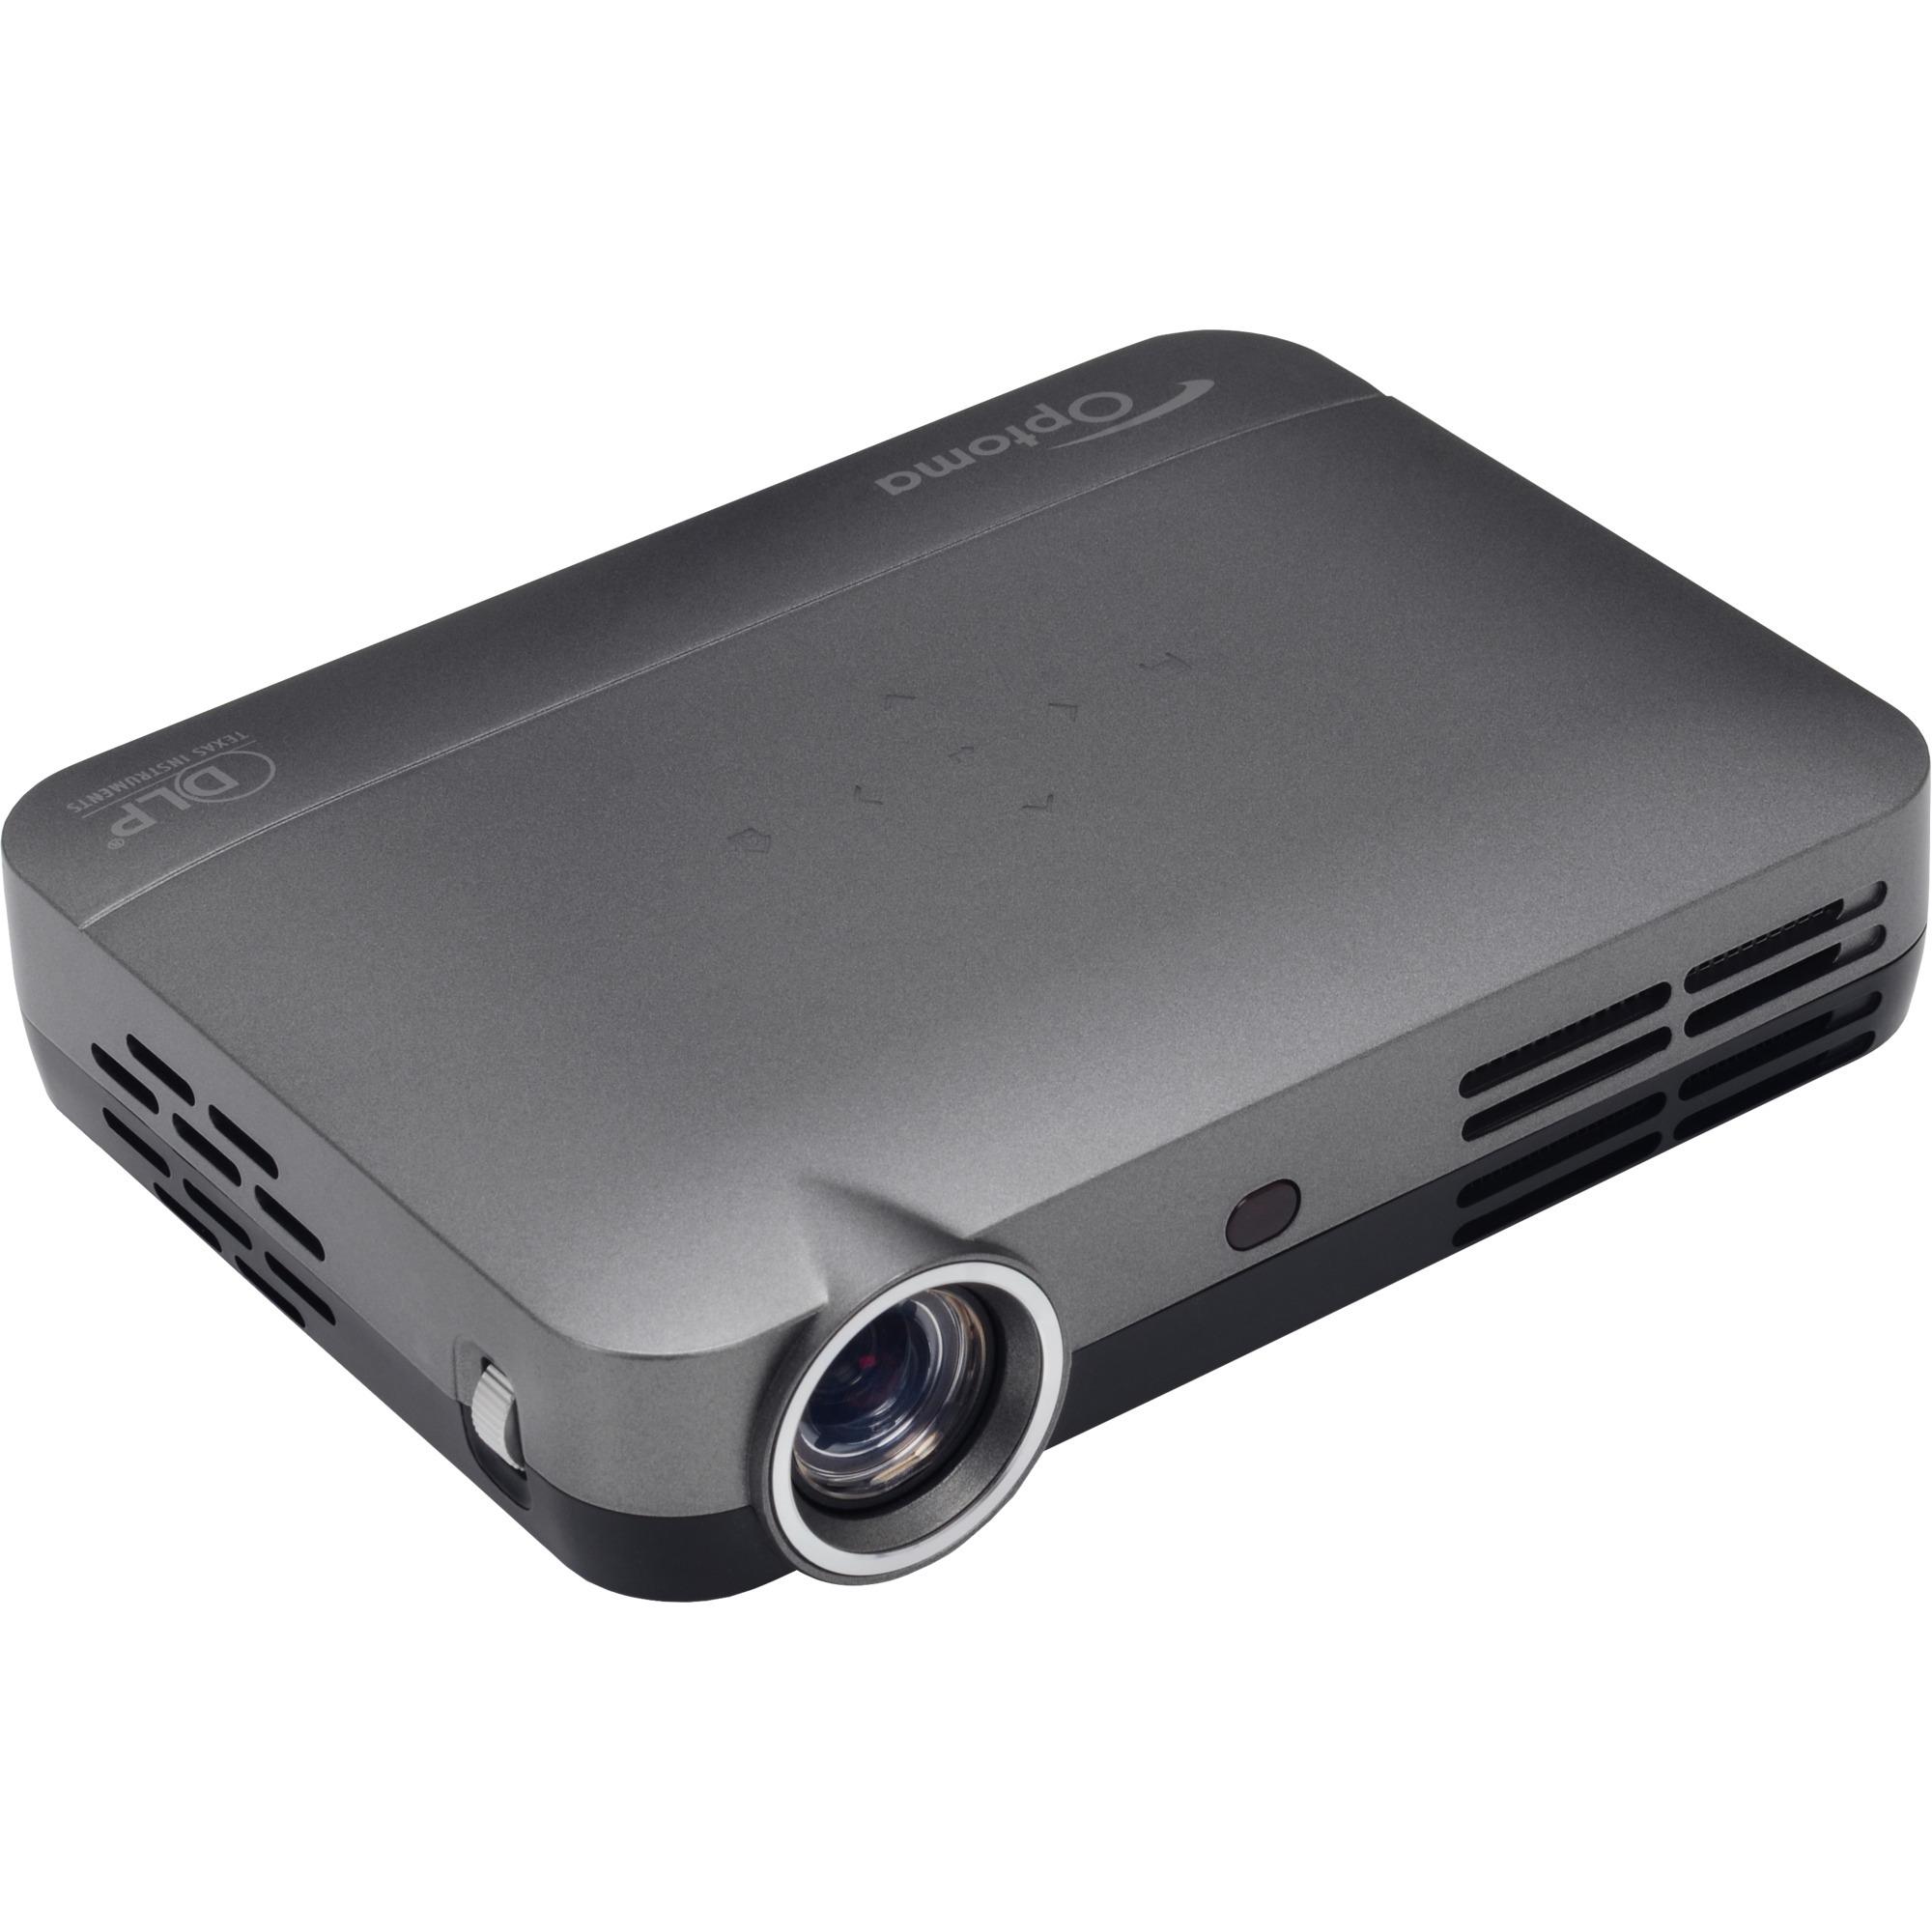 6a50c34705 Optoma ML330 Vidéoprojecteur portable 500ANSI lumens DLP WXGA (1280x800)  Compatibilité 3D Gris vidéo-projecteur, Projecteur à LED Gris, 500 ANSI  lumens, ...